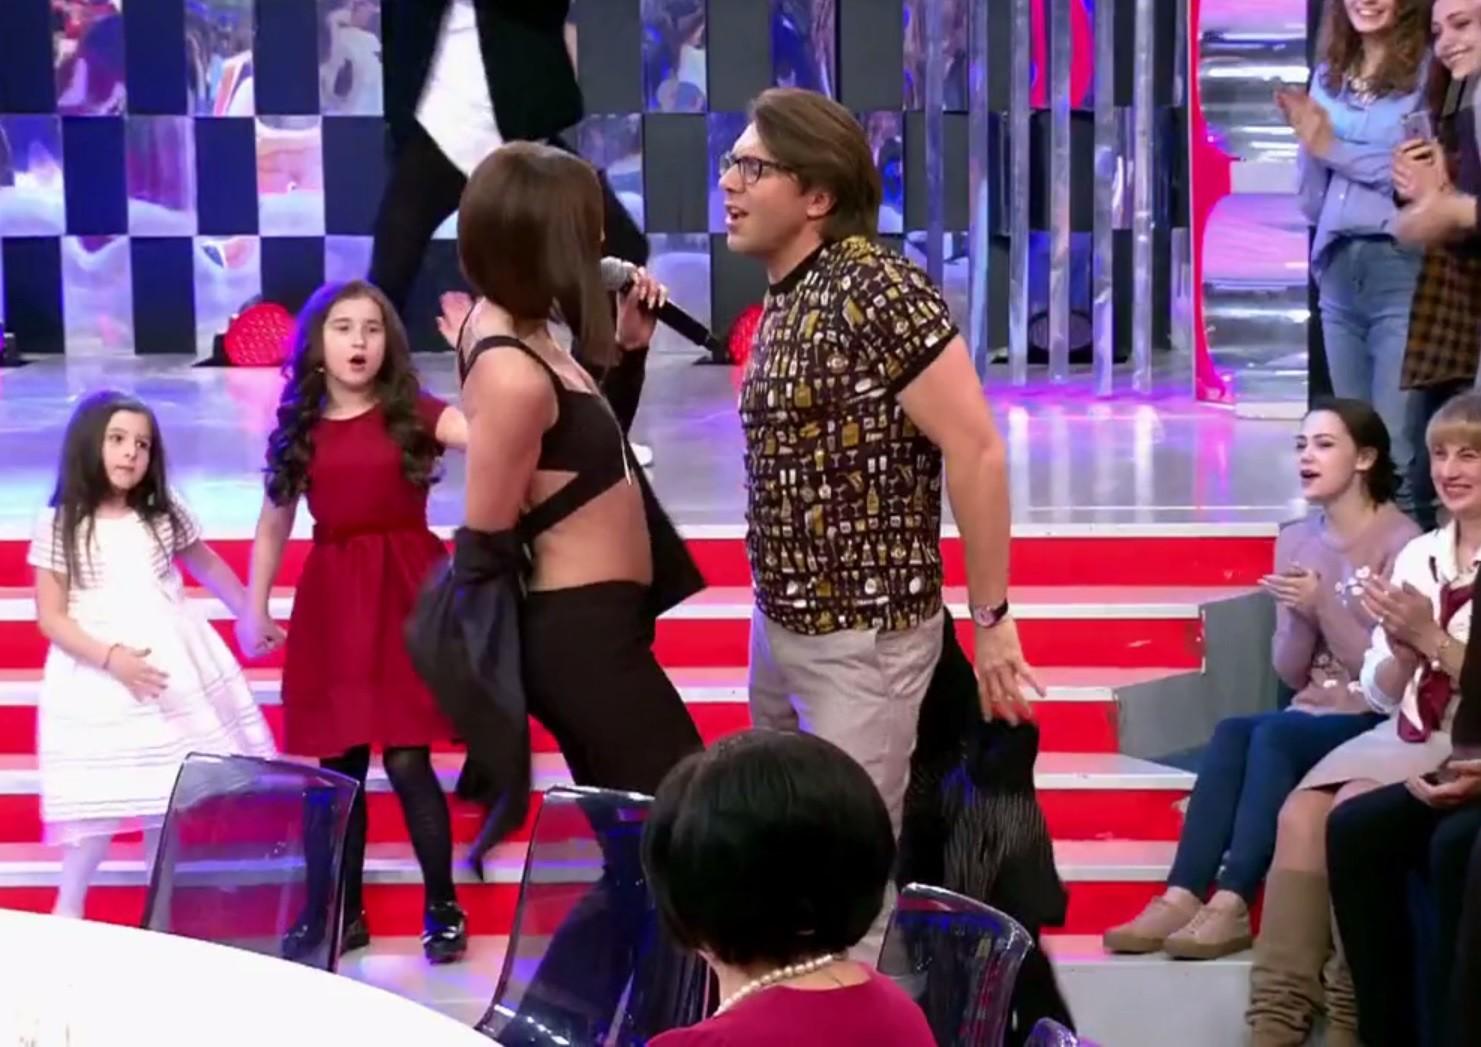 Малахов и Бузова устроили танцы с раздеванием (видео)